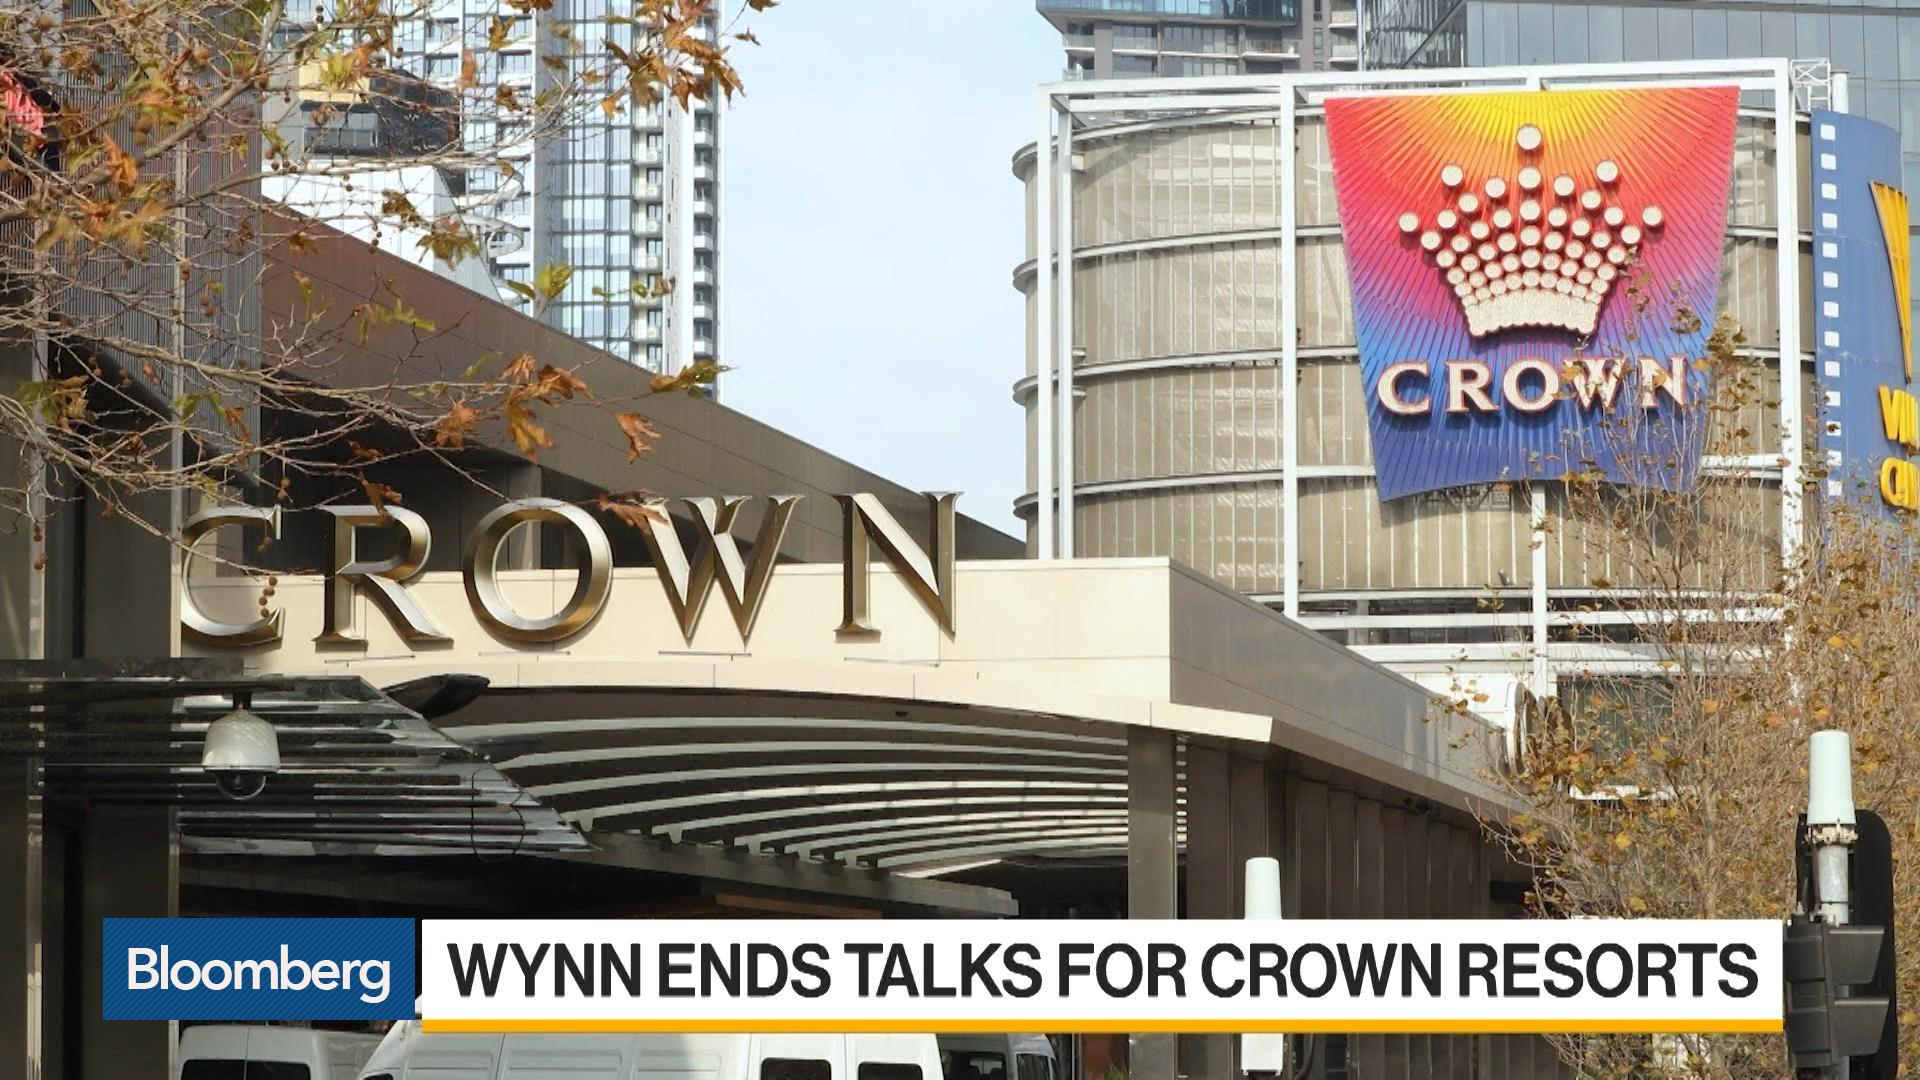 WYNN:NASDAQ GS Stock Quote - Wynn Resorts Ltd - Bloomberg